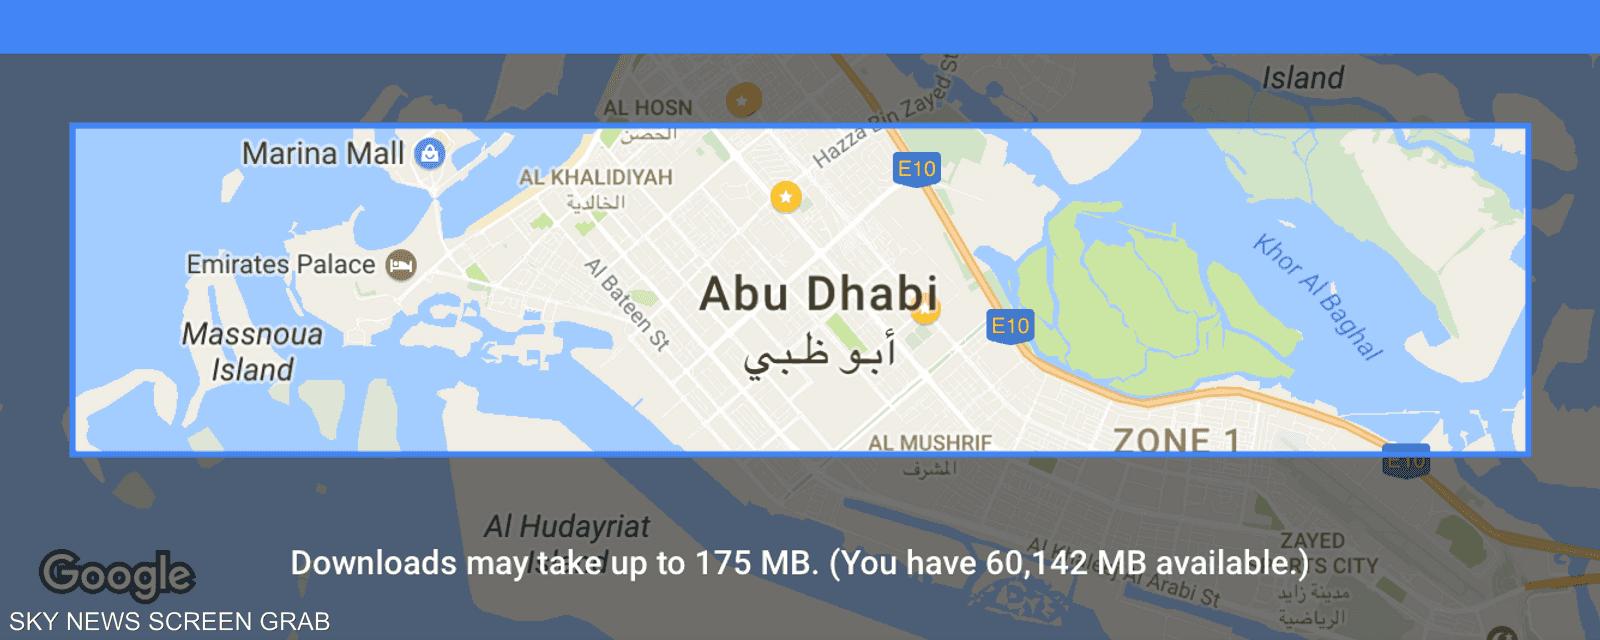 تحديد الخريطة التي يرغب المستخدم بتحميلها